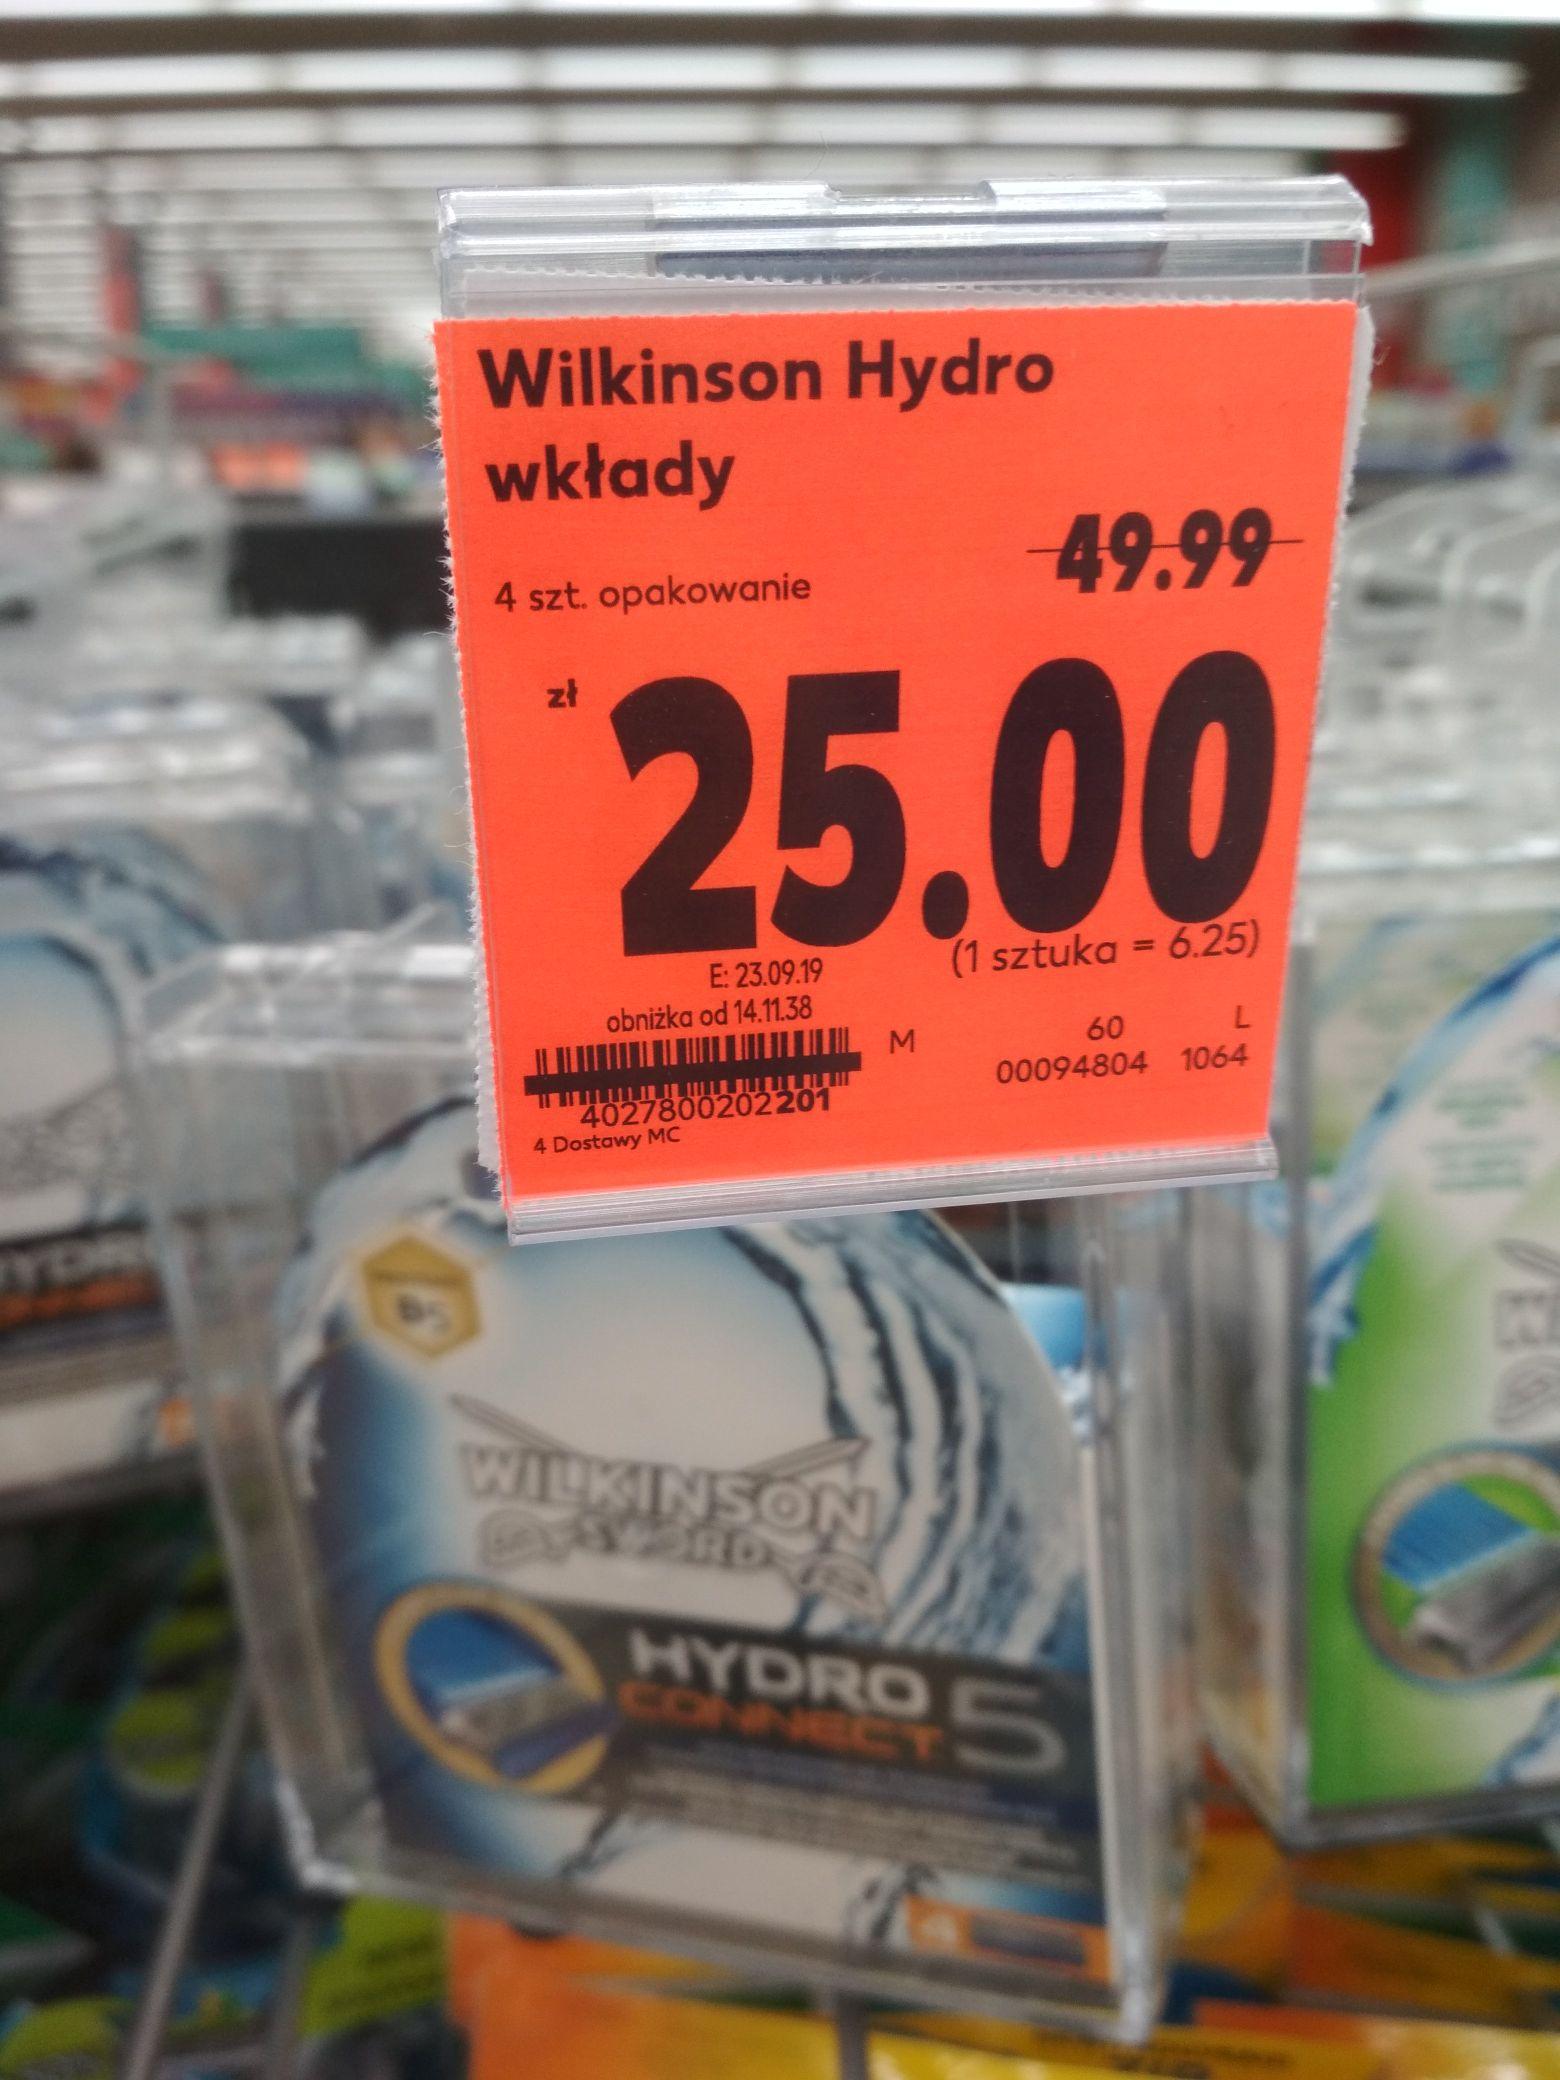 Wilkinson Hydro Connect 5 , Kaufland